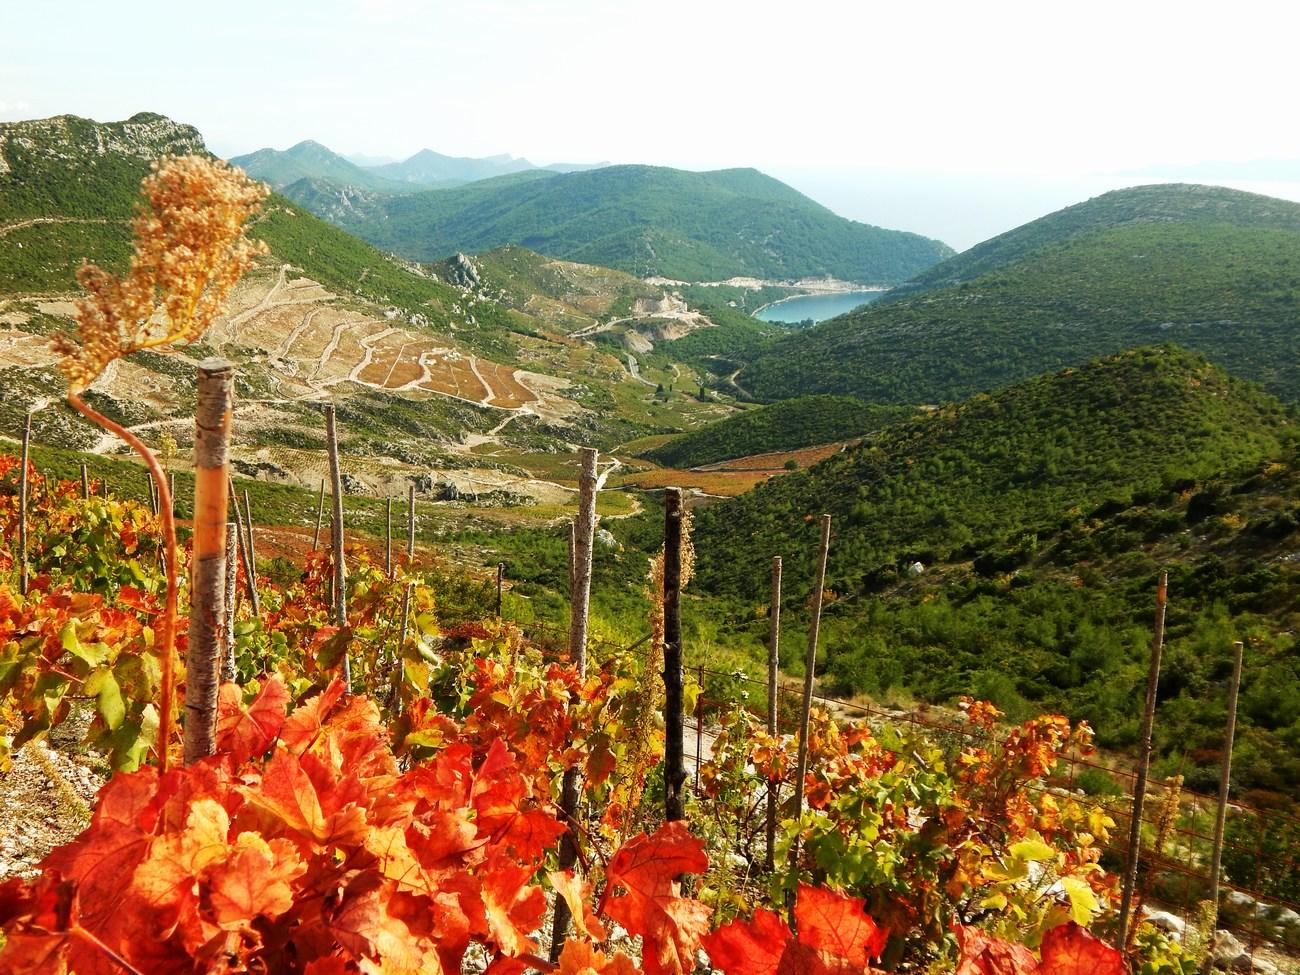 vinograd_morje